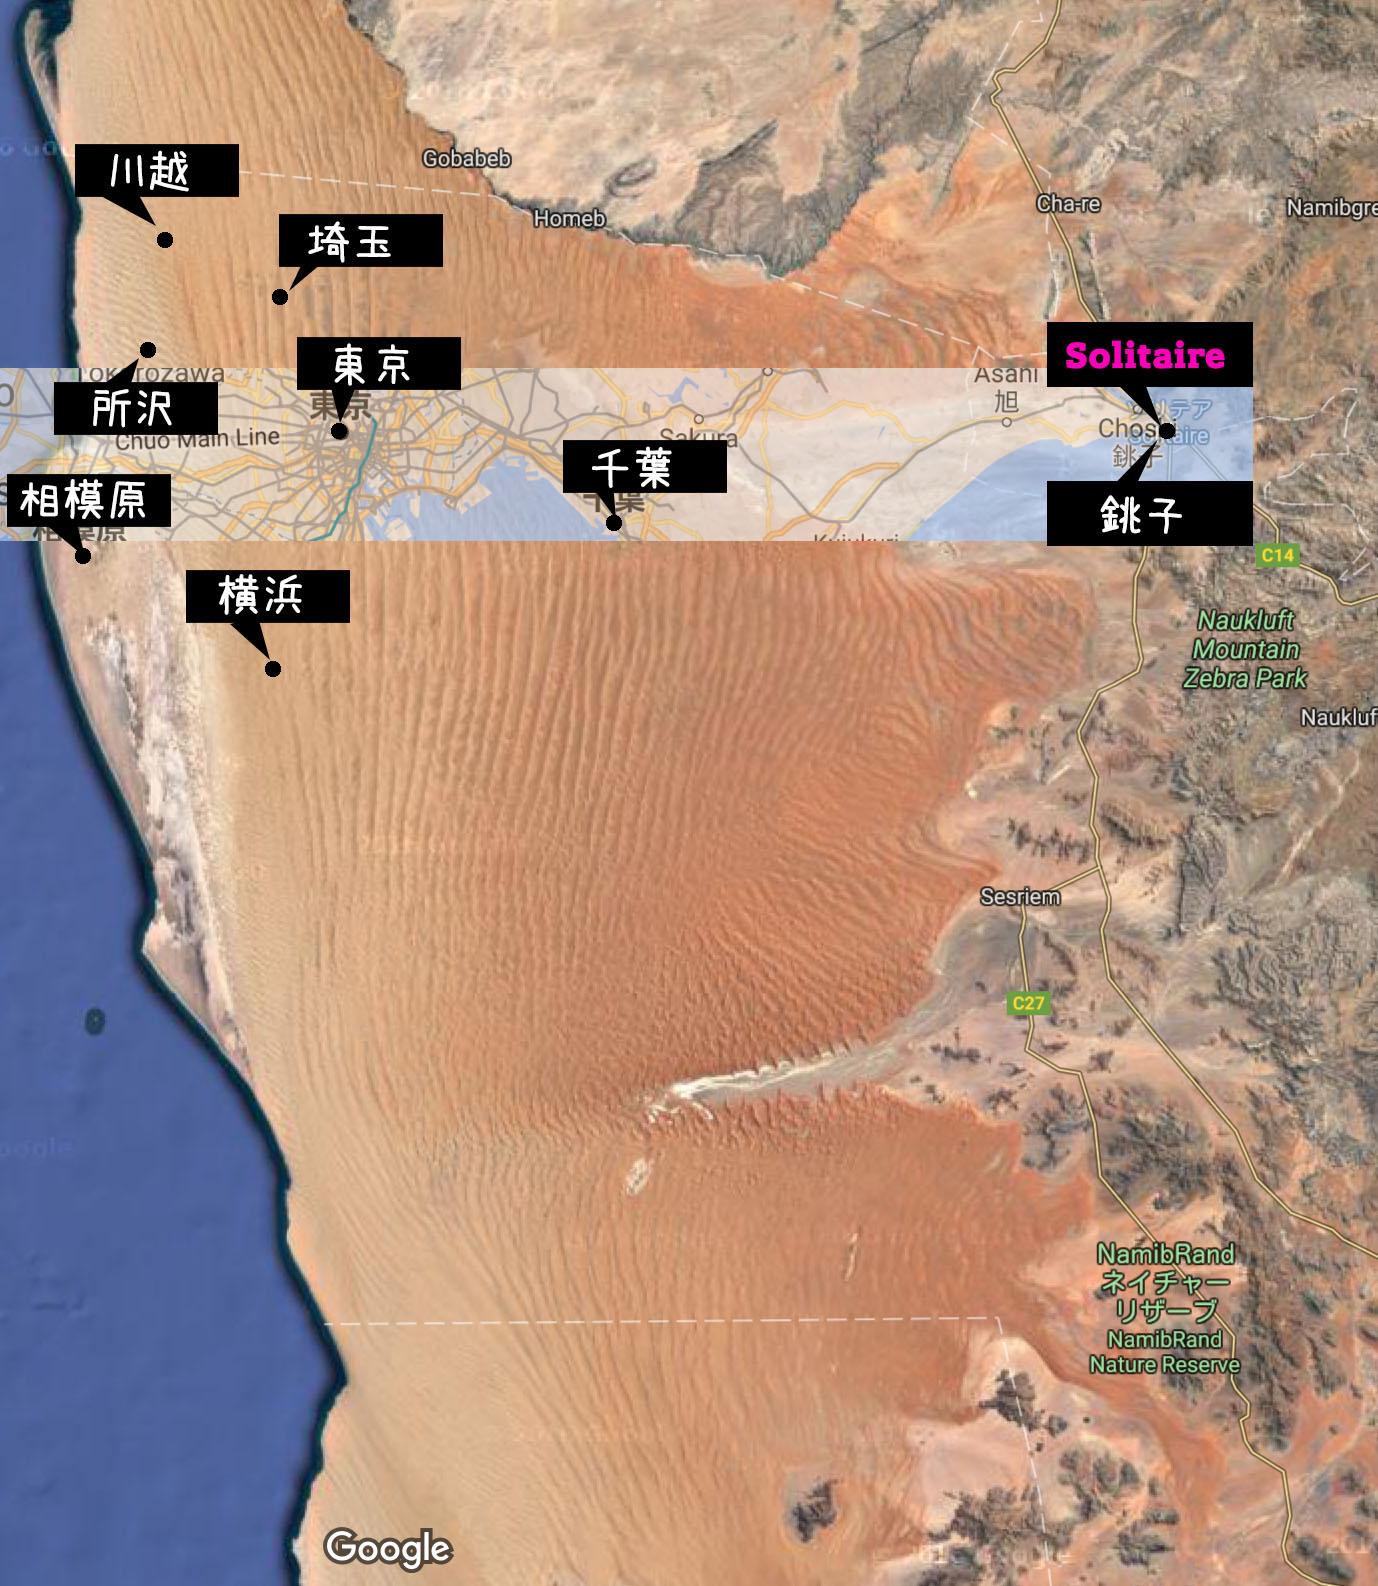 ナミブ砂漠 砂丘の広さ